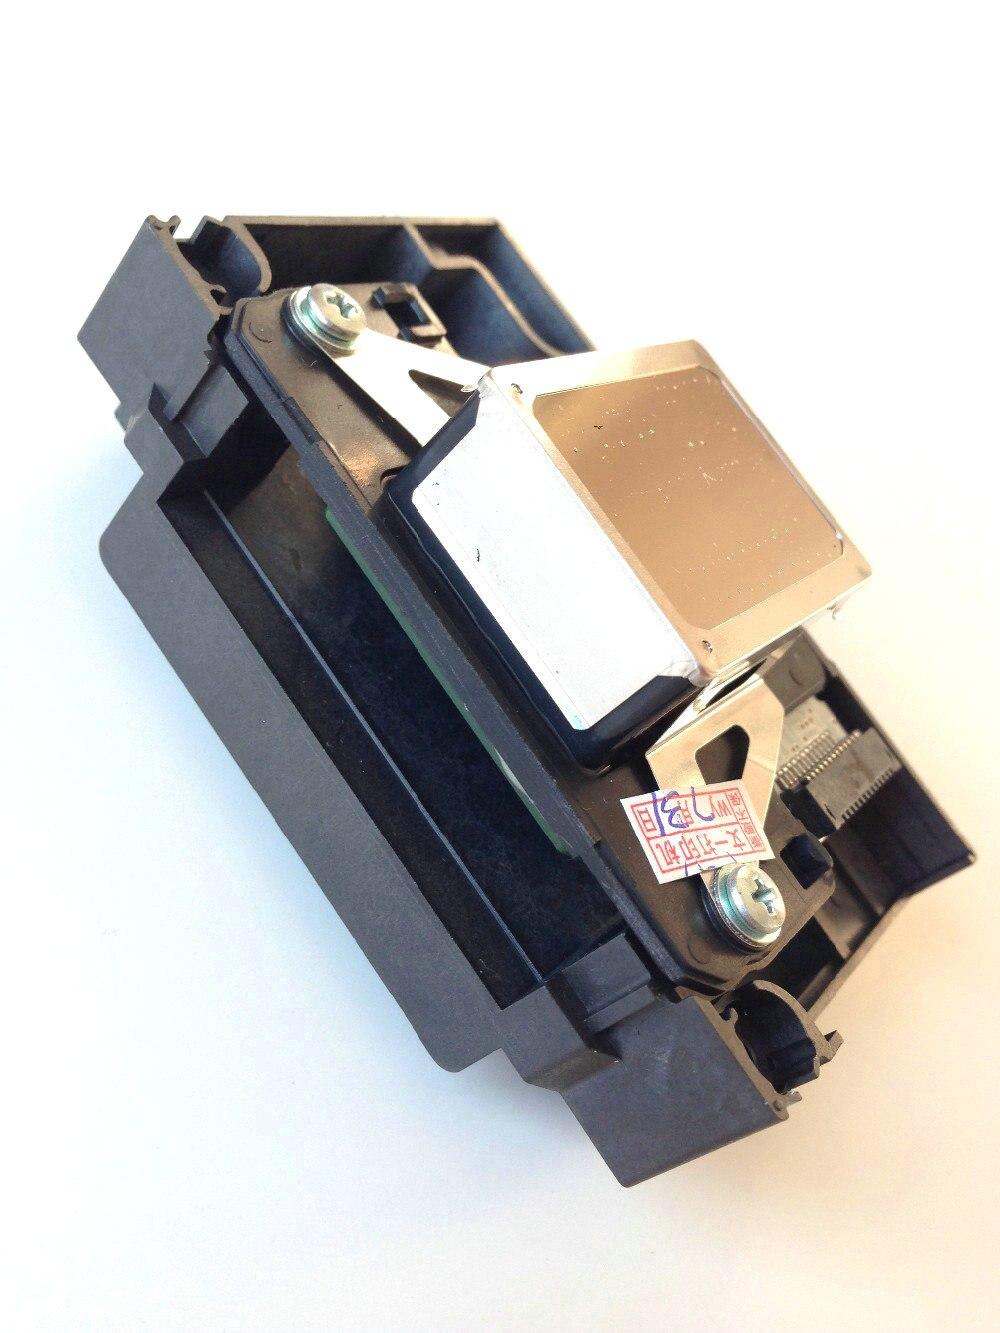 كامل اللون رأس الطباعة لإبسون RX610 R295 R280 R285 R290 R330 RX690 PX660 PX610 P50 P60 T50 T60 T59 TX650 L800 L801 F180000